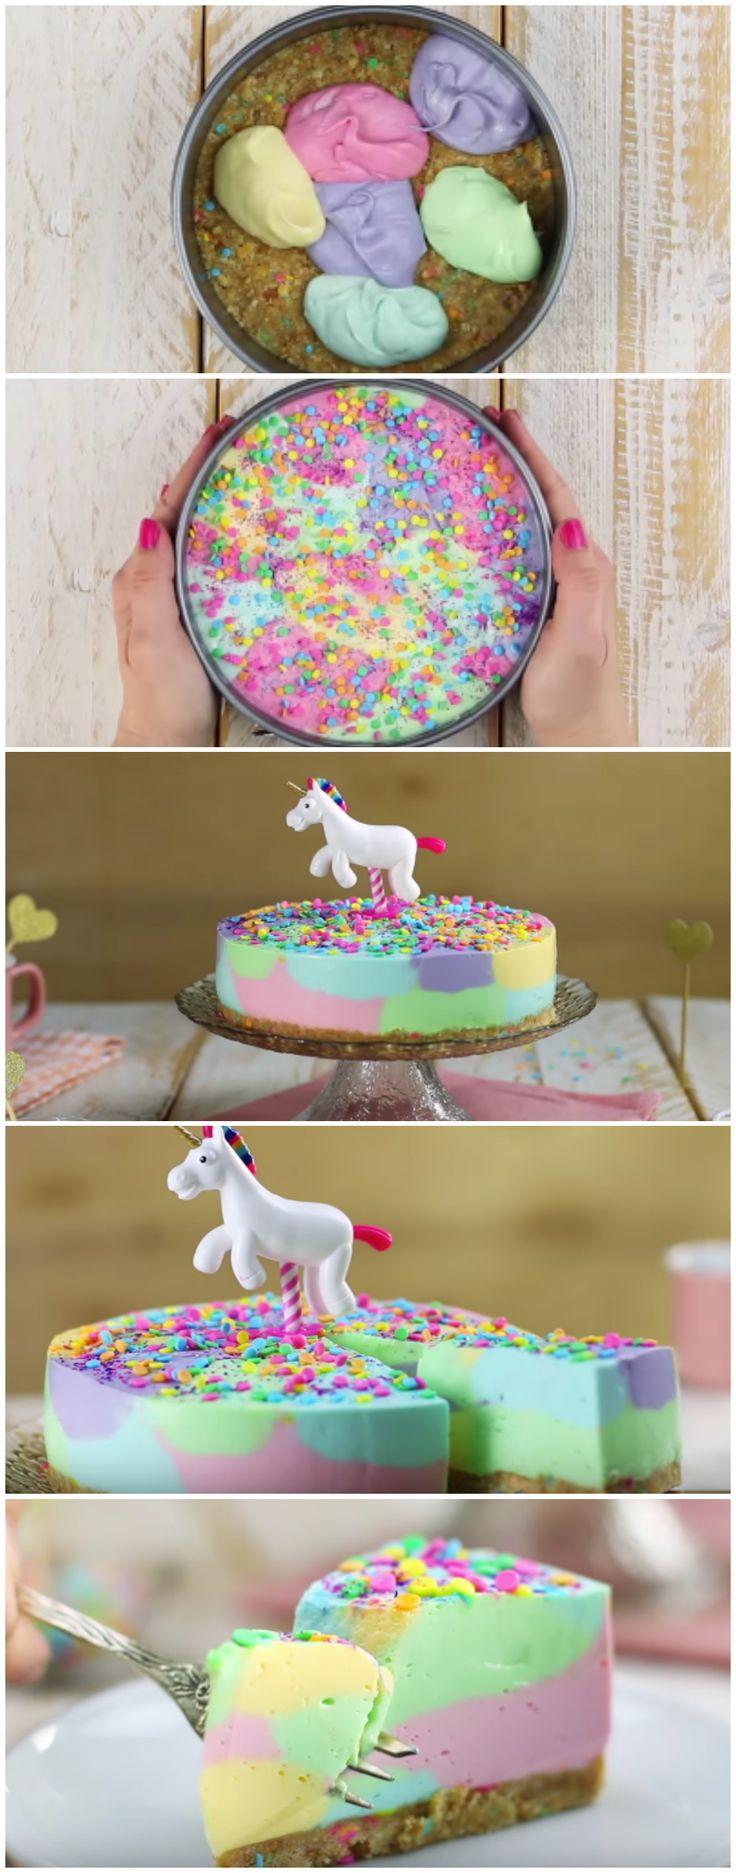 Cheesecake de Unicórnio: ninguém resiste à essa delícia! (confira essa receita que é bem fácil…) #cheesecake #unicornio #receitafacil #delícia